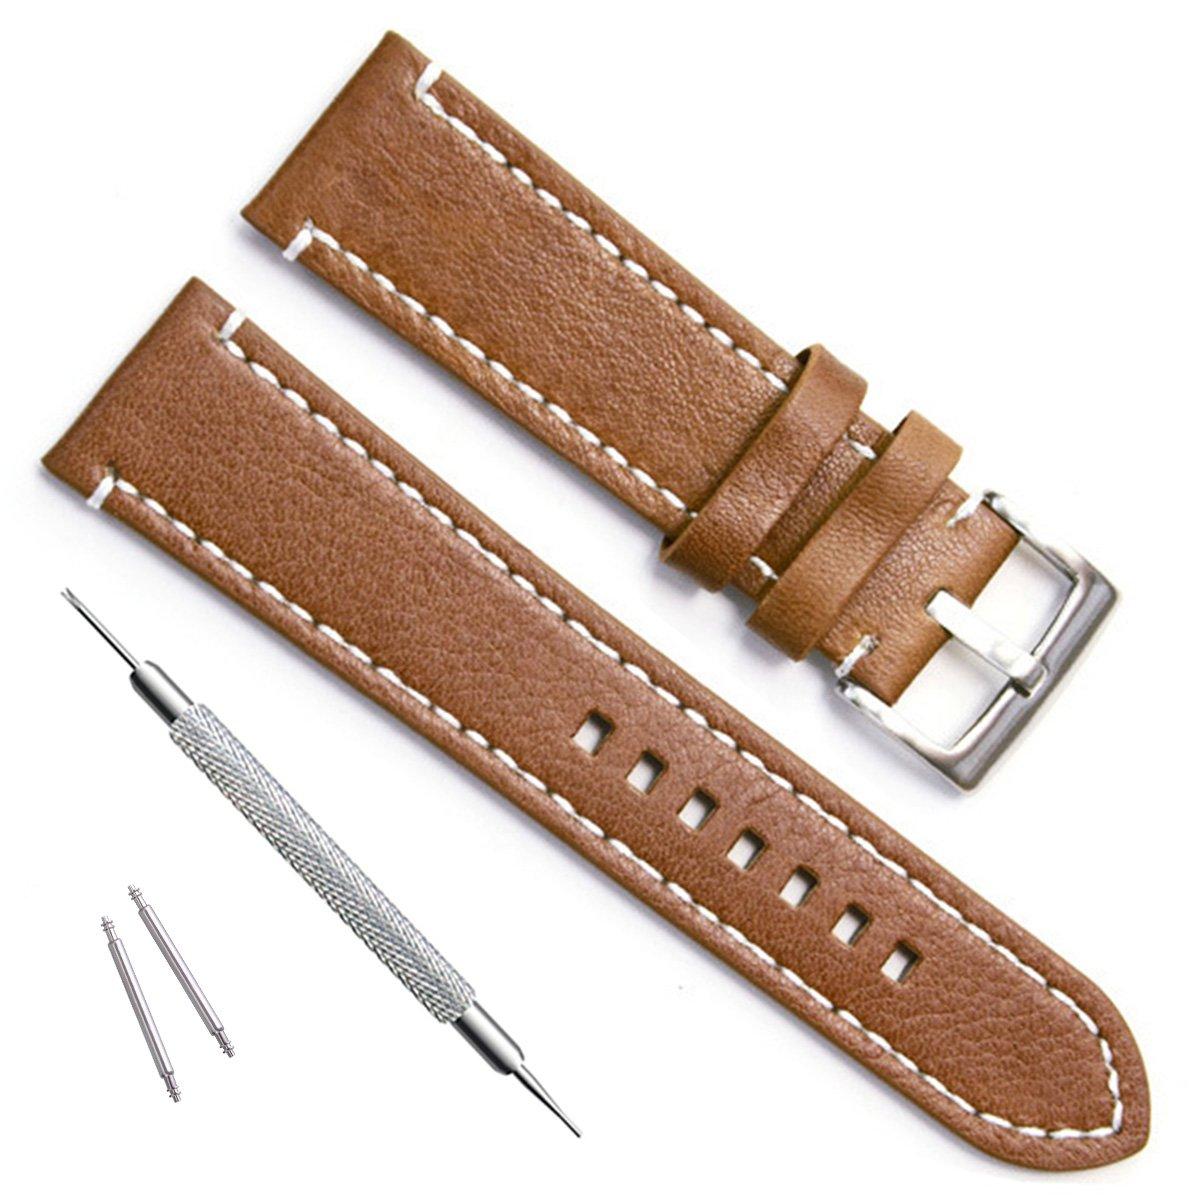 時計ベルト ウォッチバンド 手作り ビンテージ 交換 レザー 20mm Sliver Buckle/Brown B07779Y2SD 20mm|Sliver Buckle/Brown Sliver Buckle/Brown 20mm